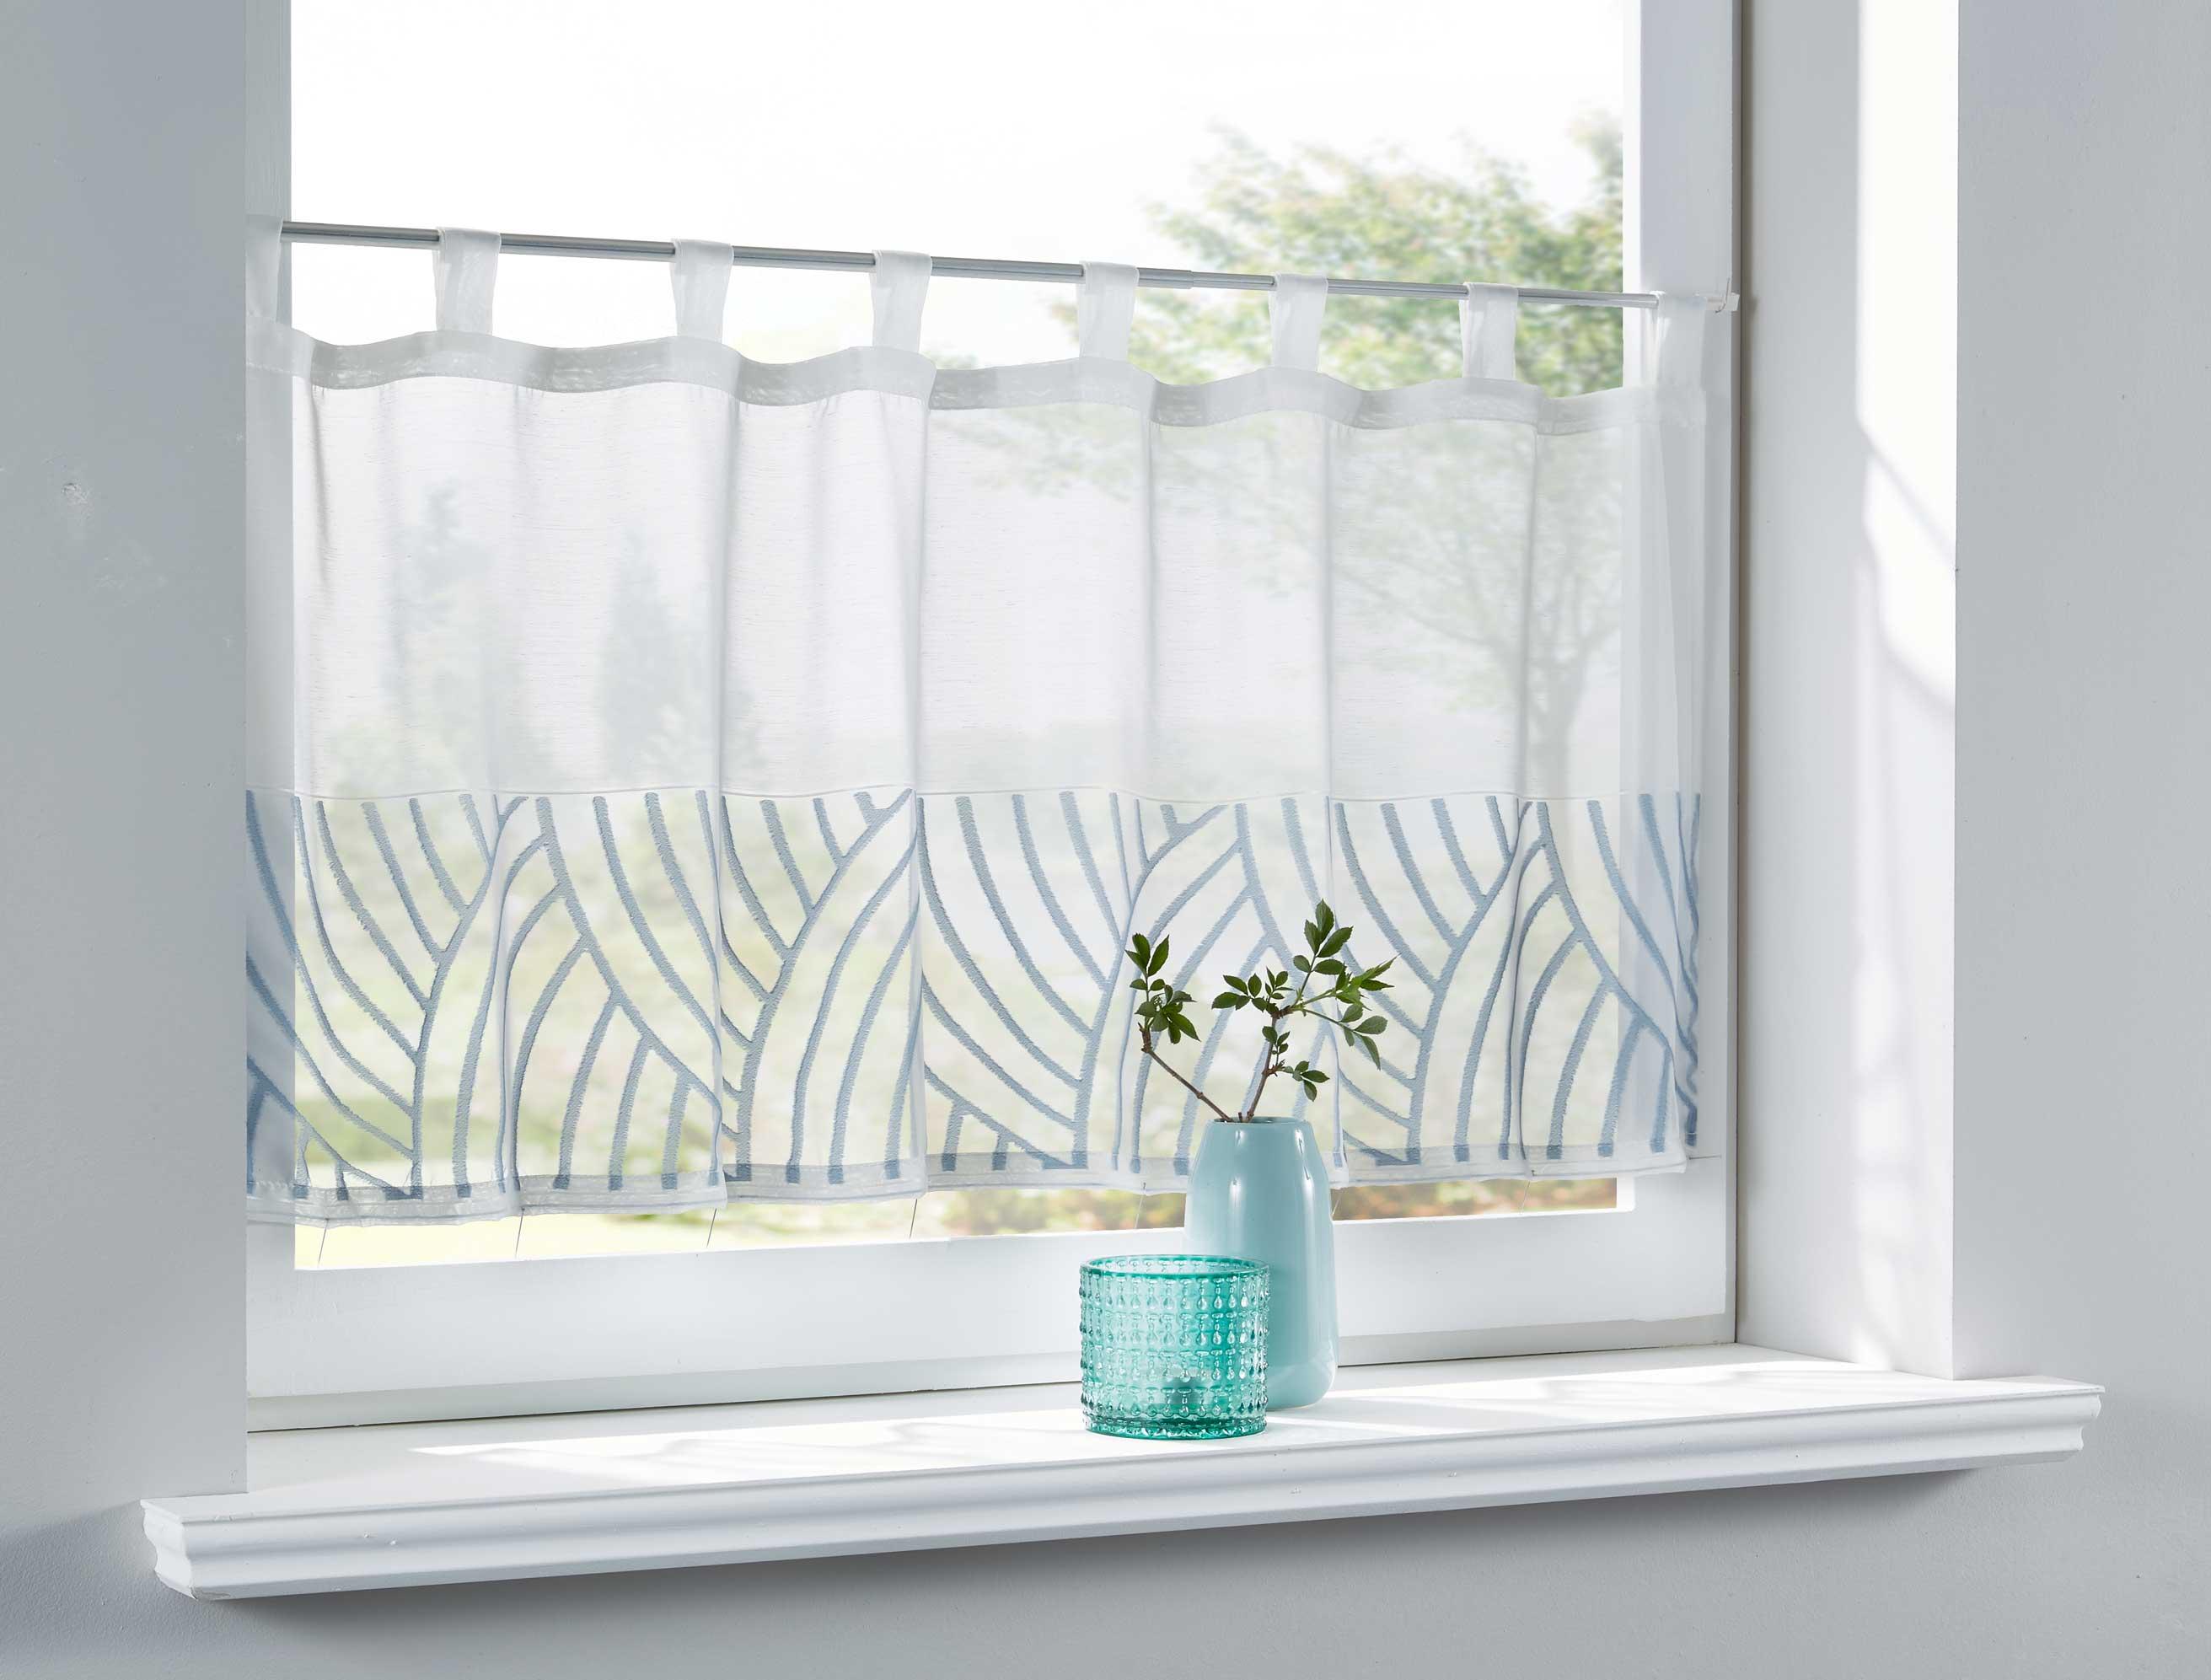 scheibengardine voile jacquard schlaufen gardine modern muster ebay. Black Bedroom Furniture Sets. Home Design Ideas